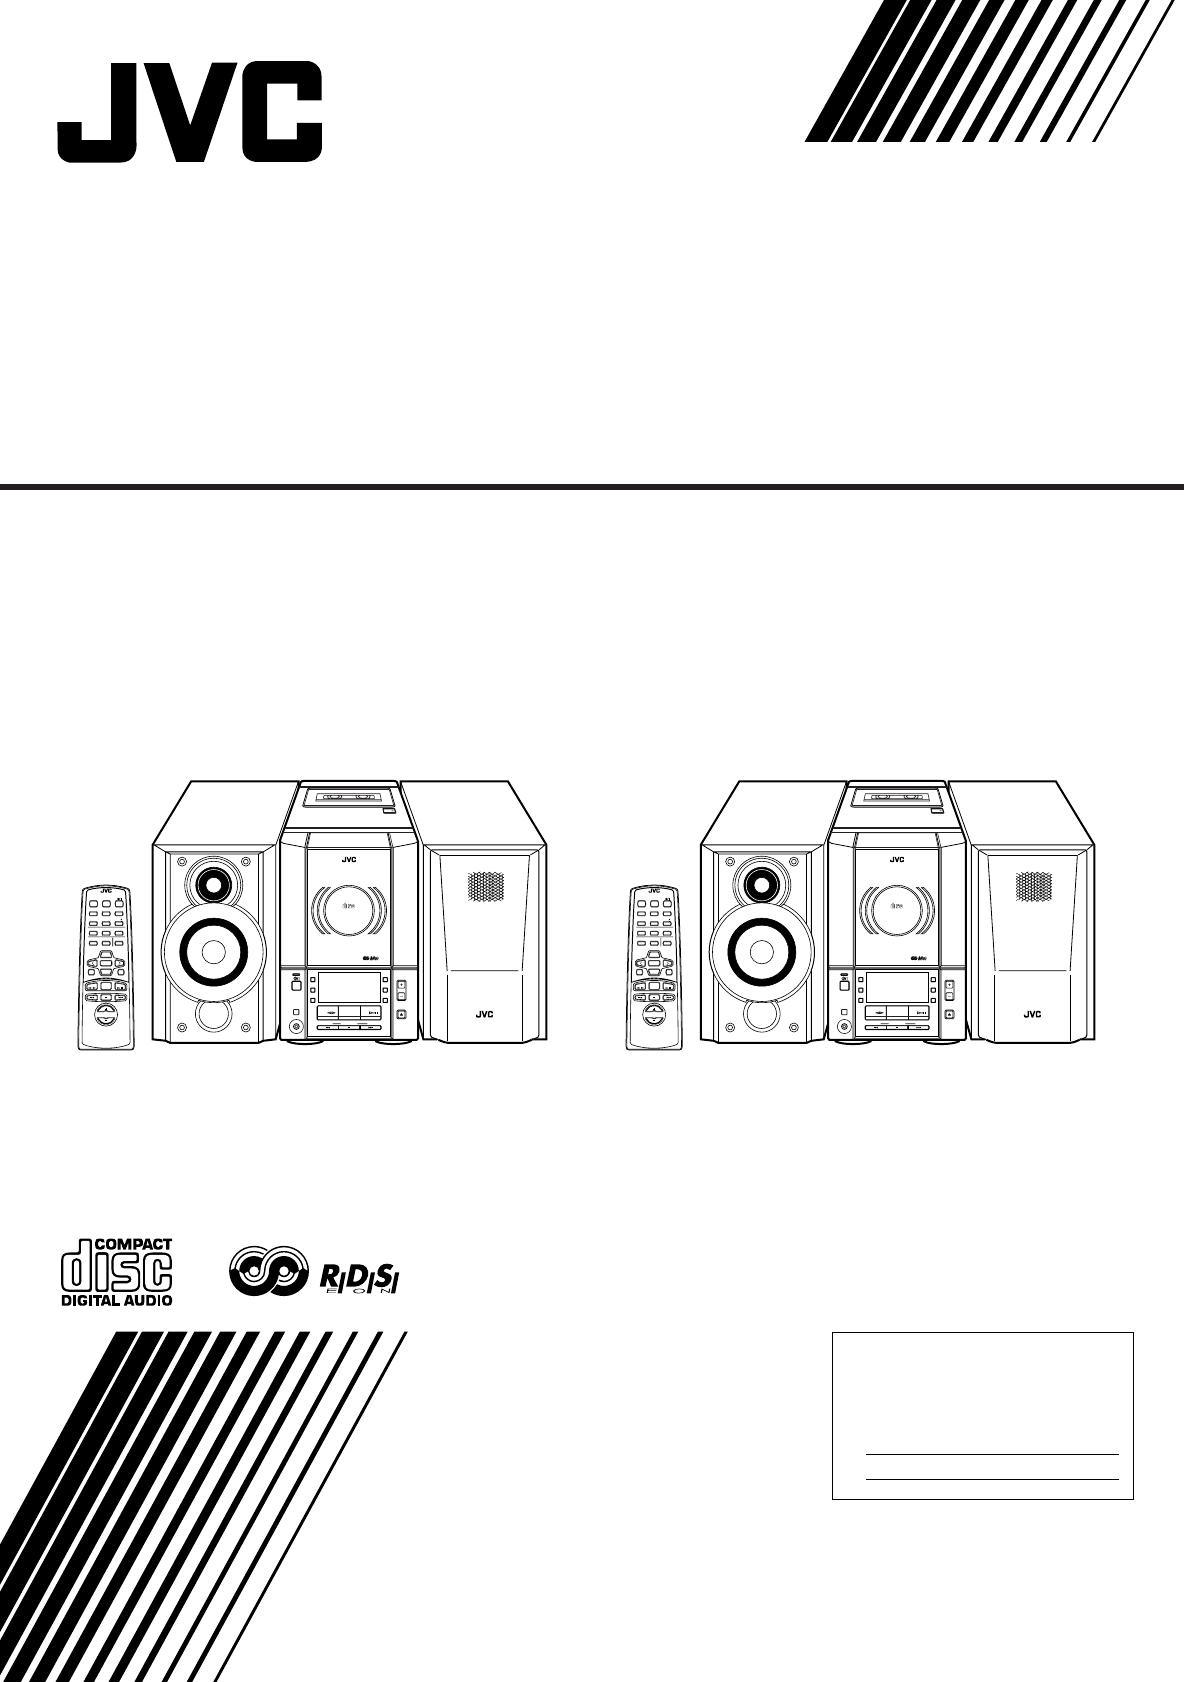 JVC UX-V30R, UX-V330R manual